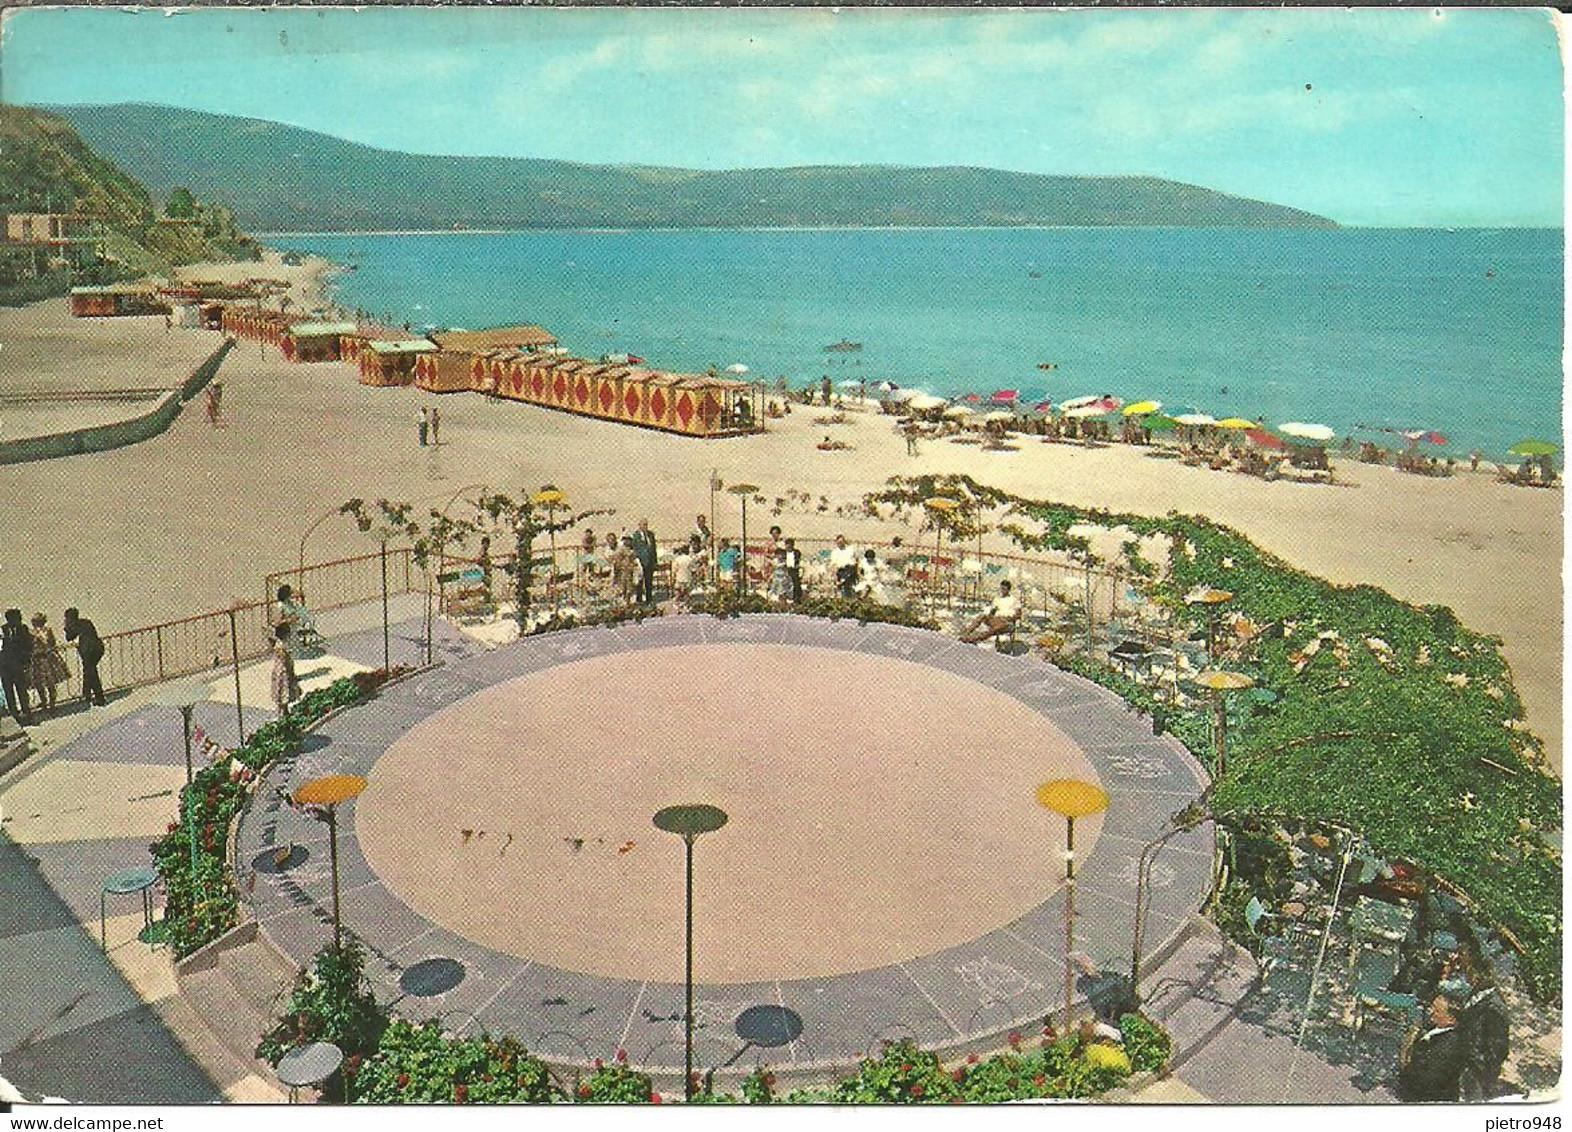 Soverato (Catanzaro) Lido Miramare, Pista Da Ballo, Miramare Beach And Dancing - Catanzaro